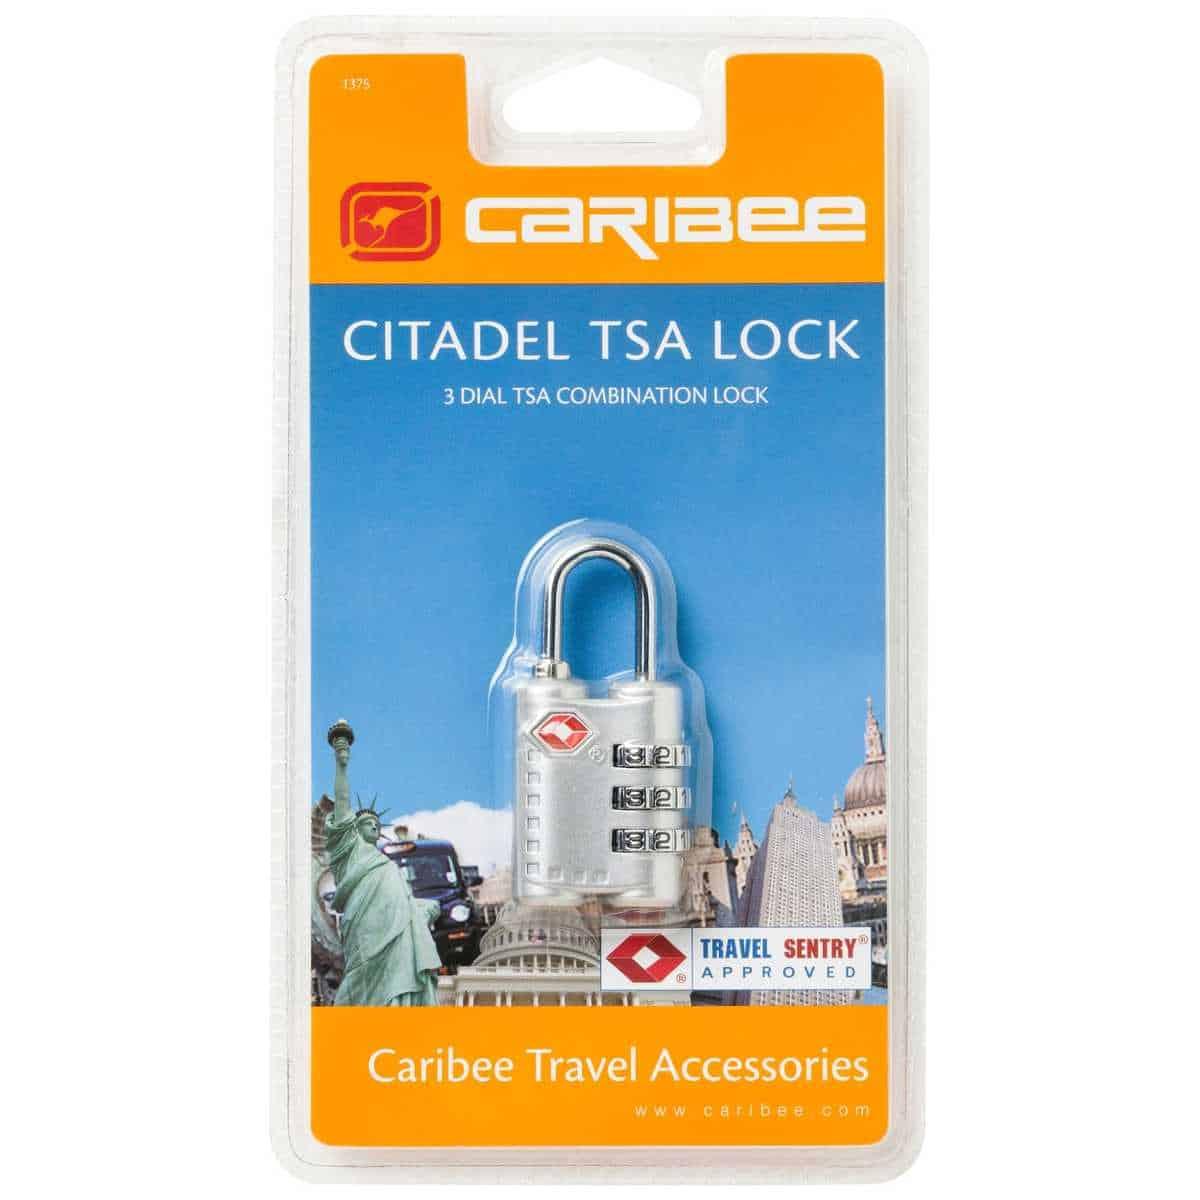 TSA Lock Airport Security Caribee Citadel